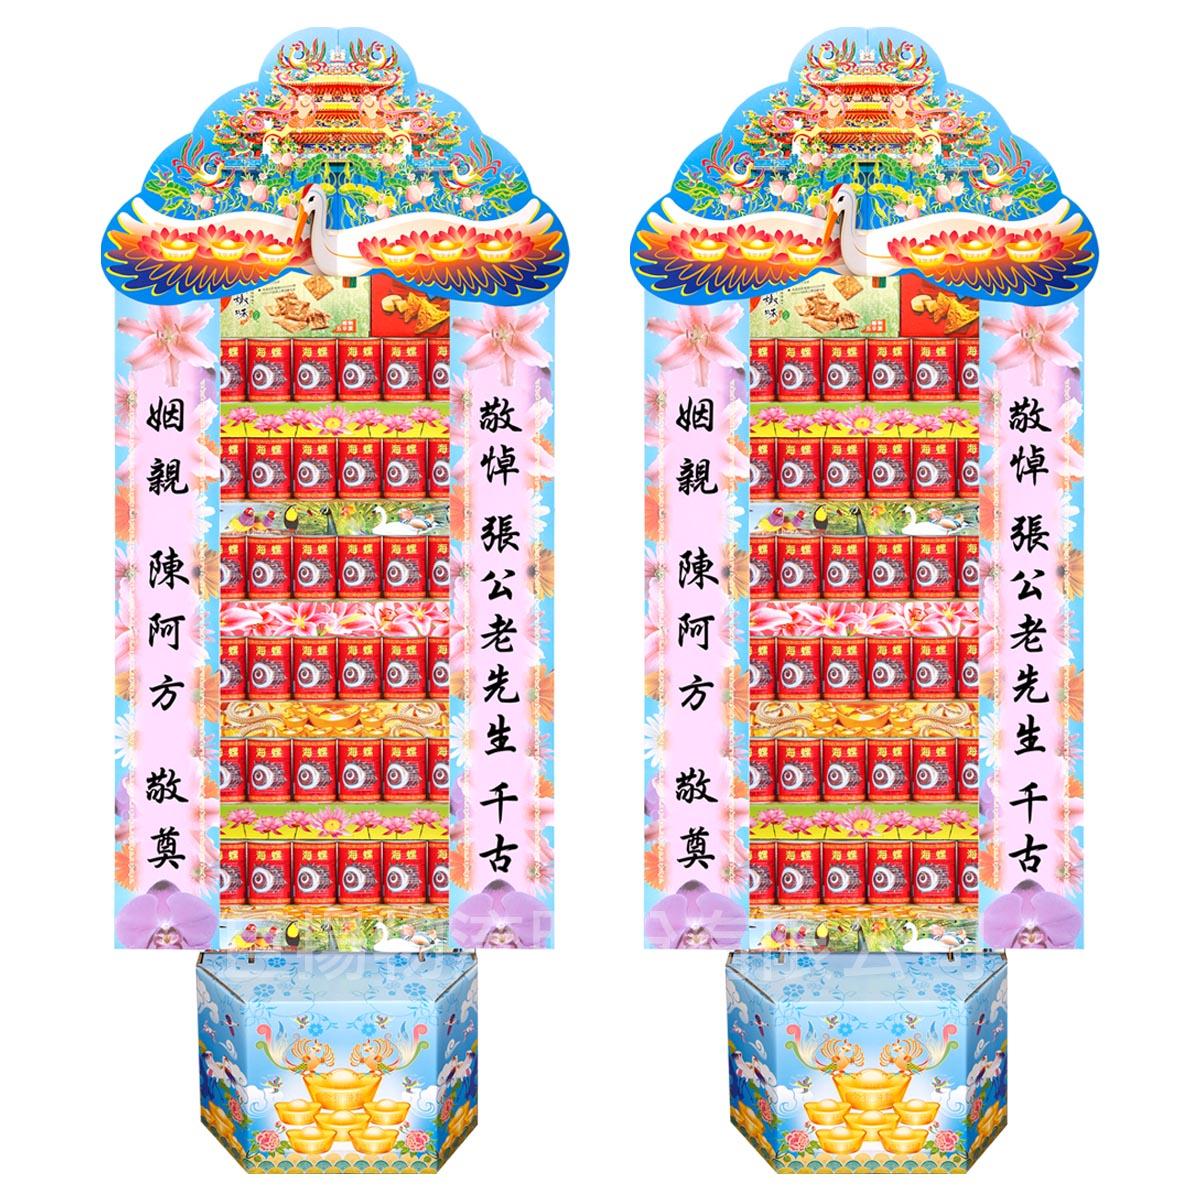 喪禮用罐頭塔-螺肉6x6 罐頭禮籃